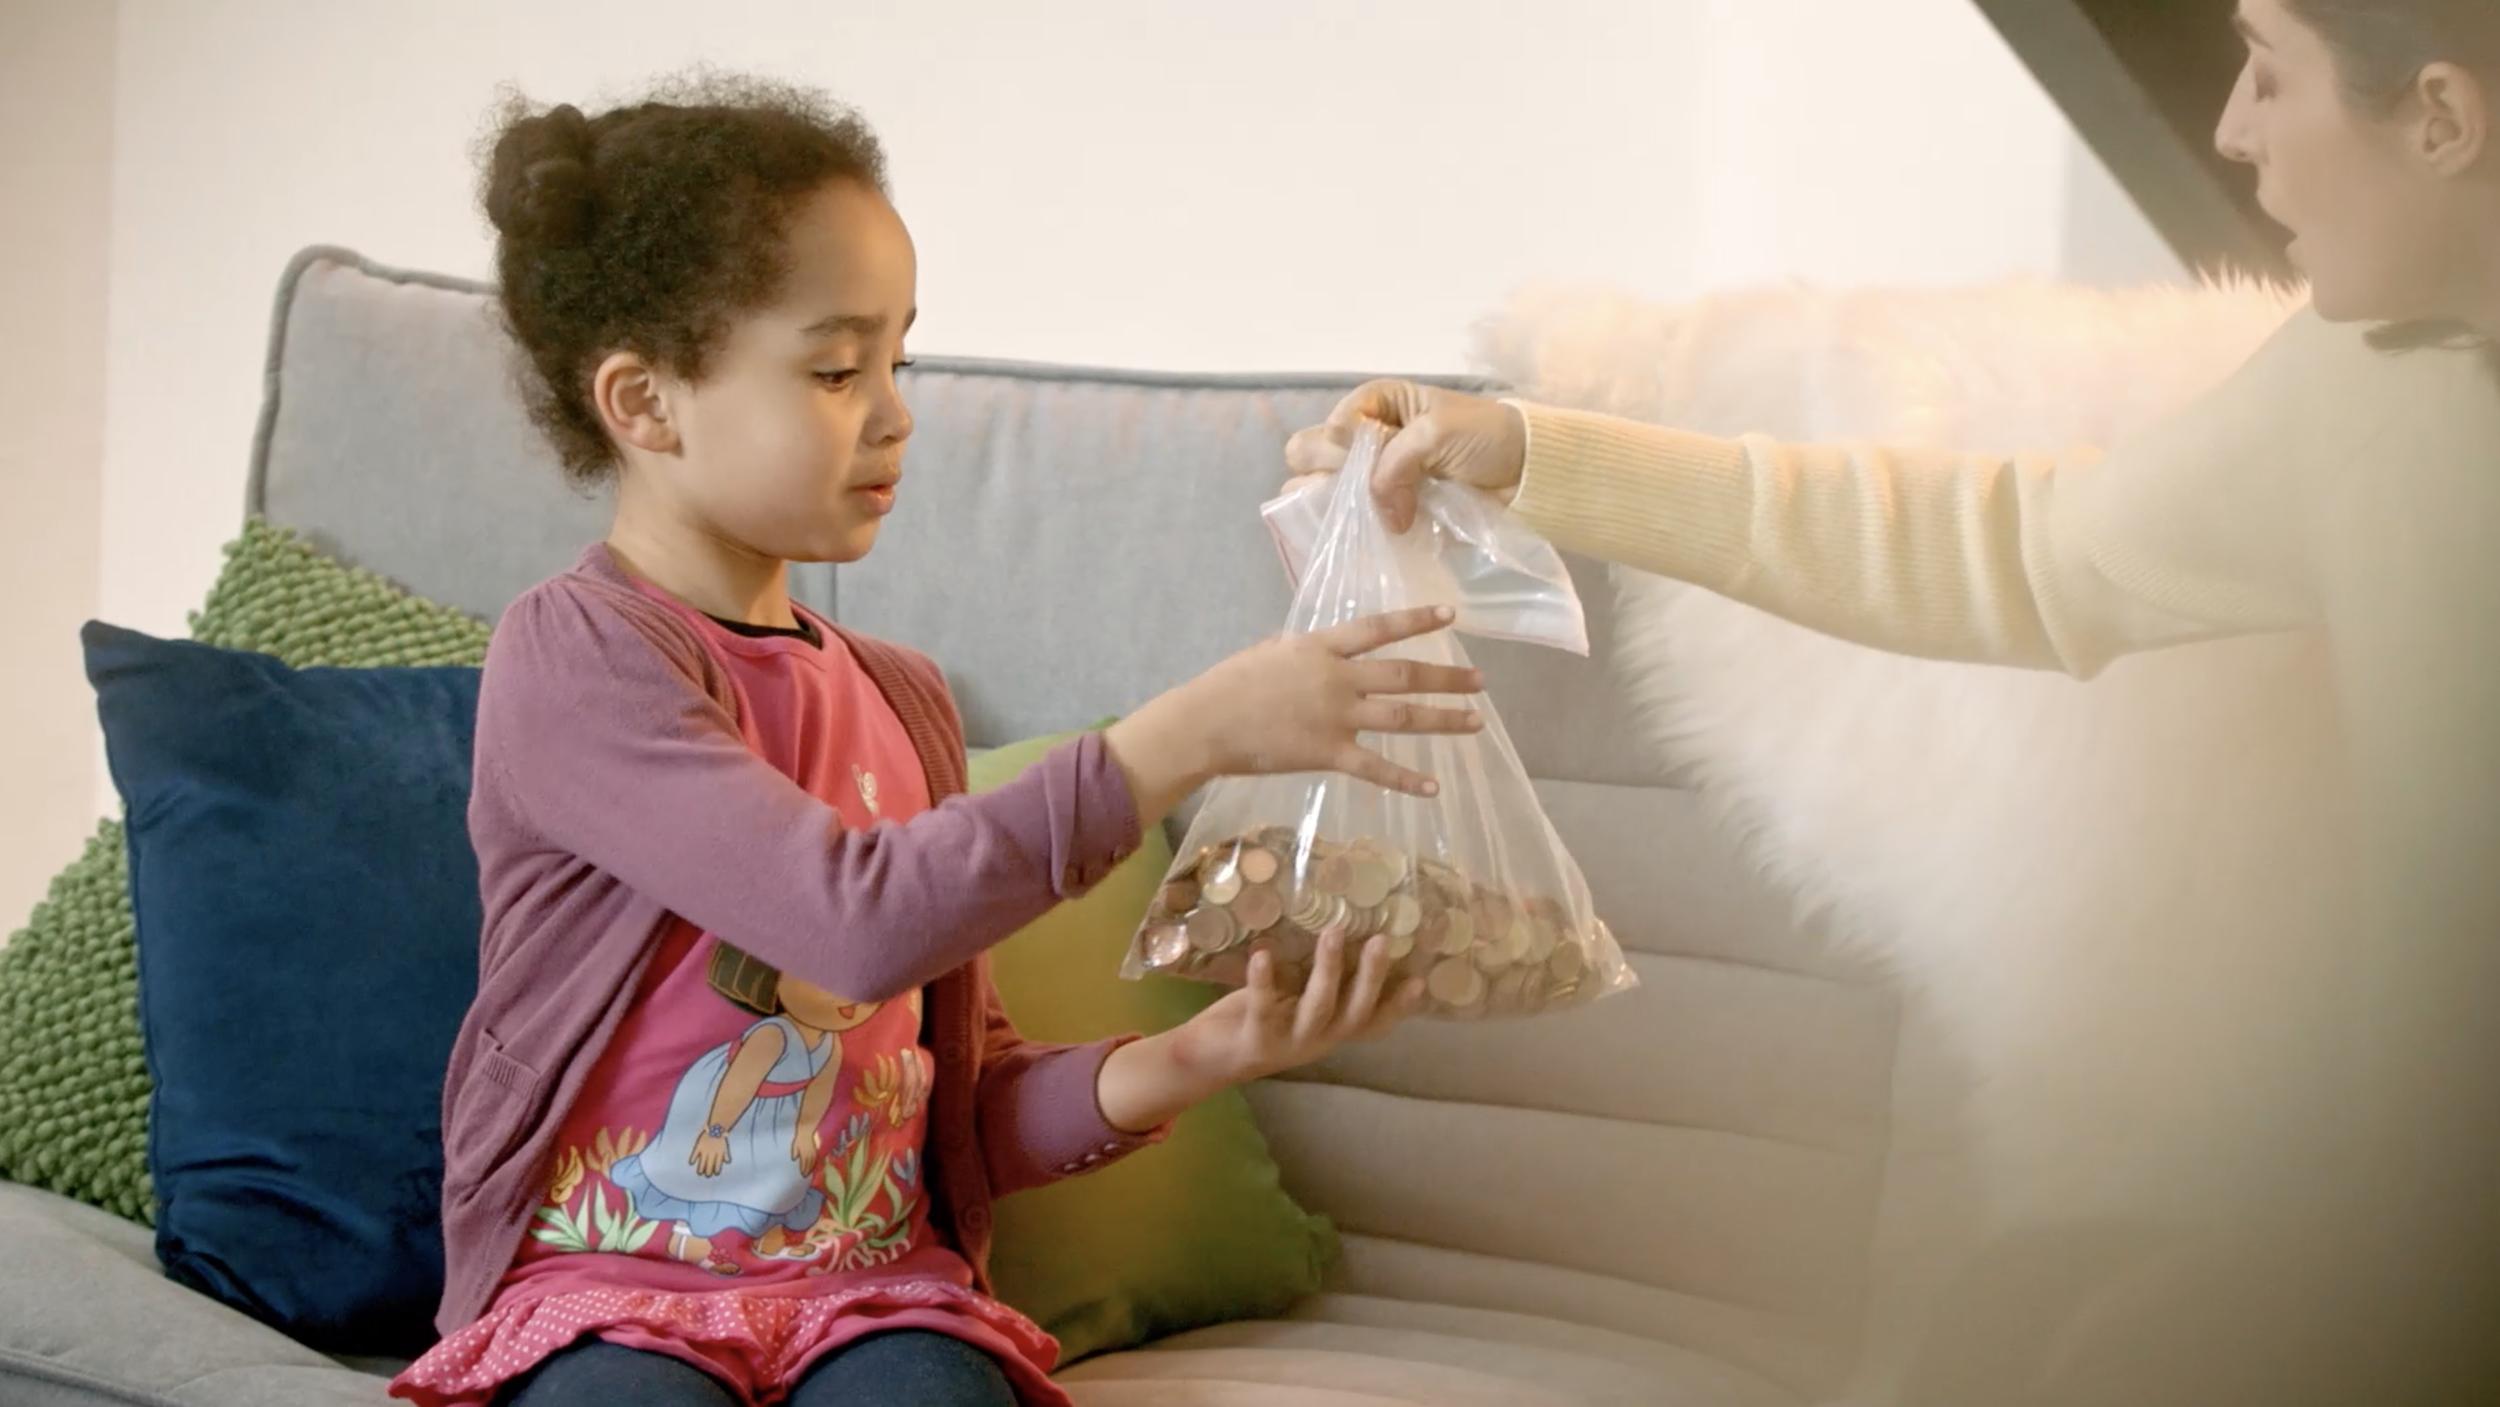 KidsLife Campaign Image 1